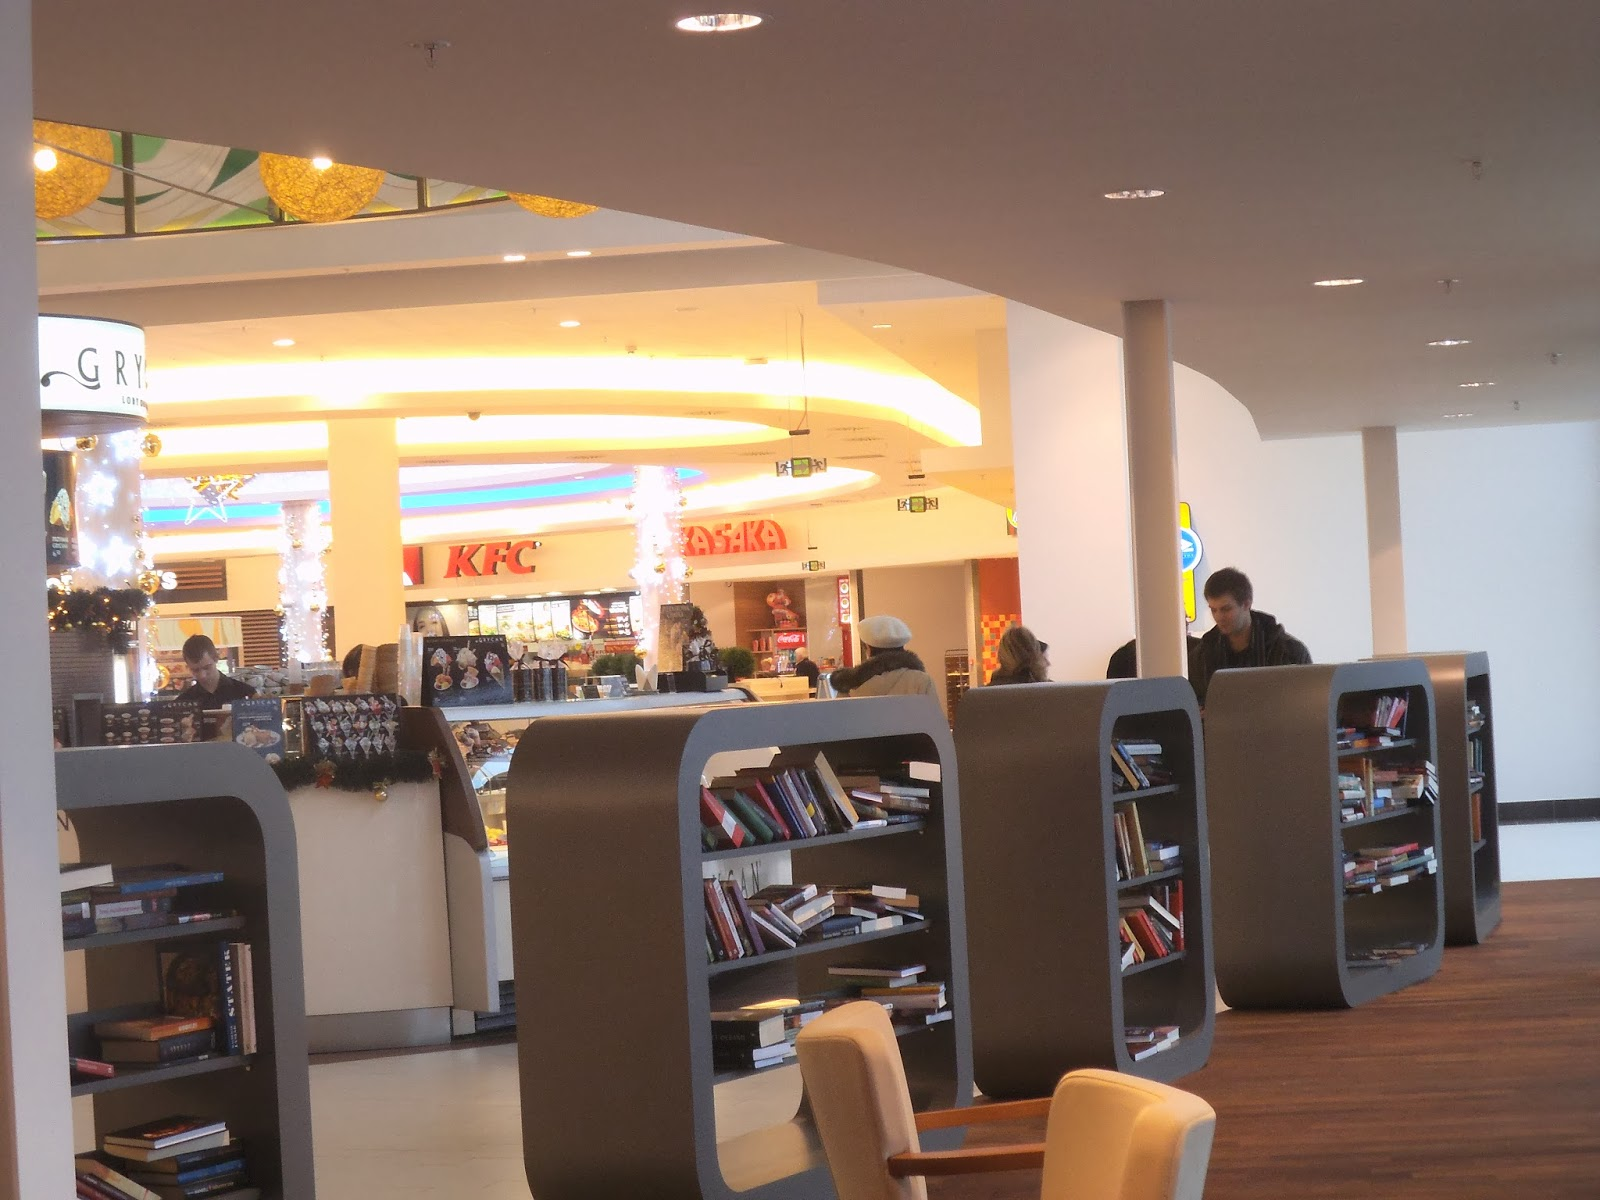 mikrobiblioteki lustrobiblioteki06